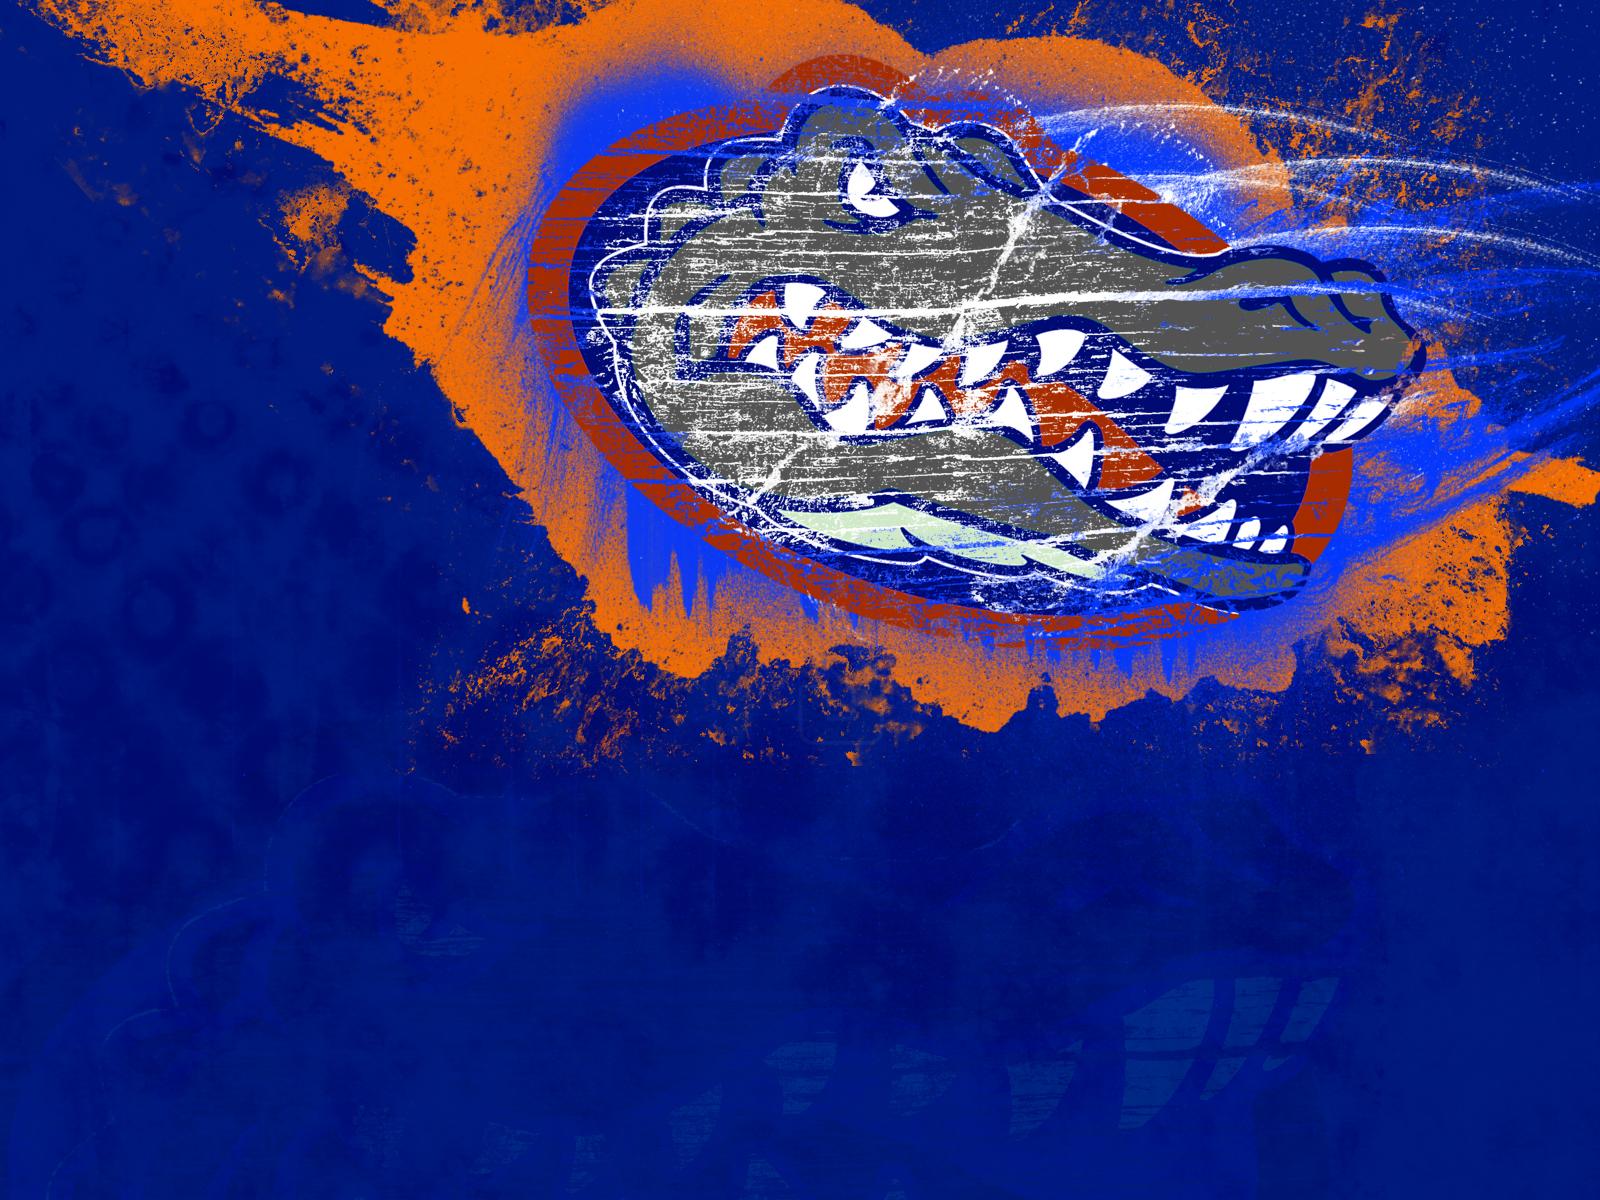 florida gator wallpaper